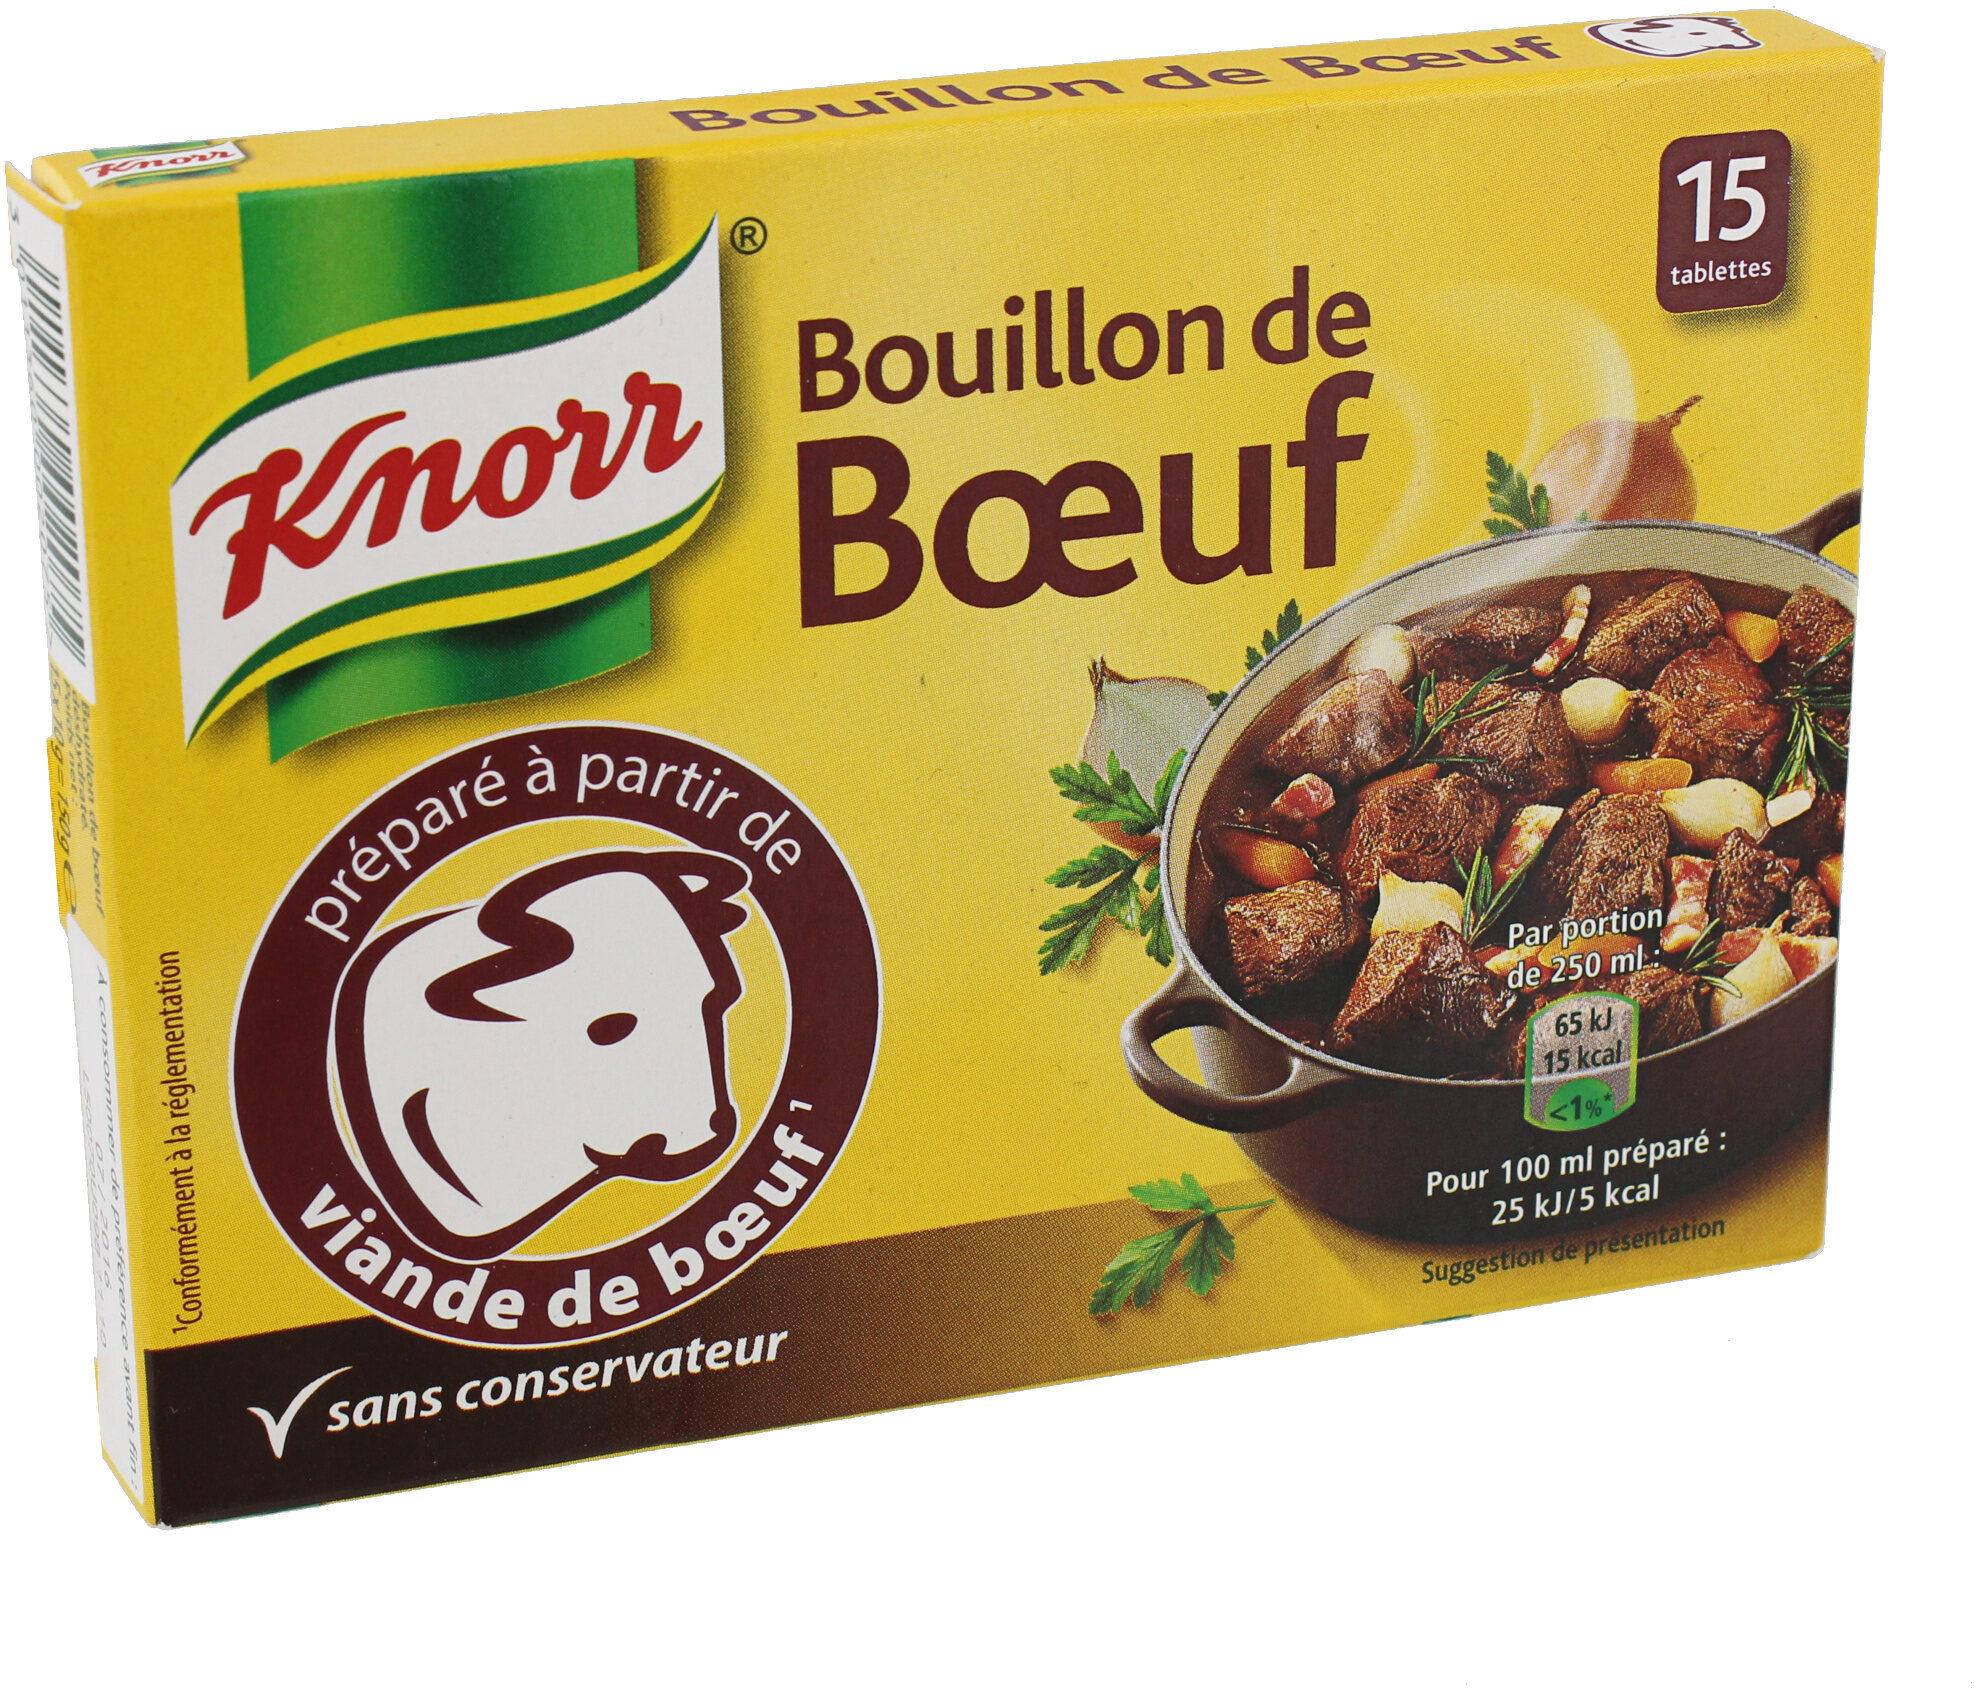 Knorr Bouillon Cube Bœuf 15 Cubes - Prodotto - fr